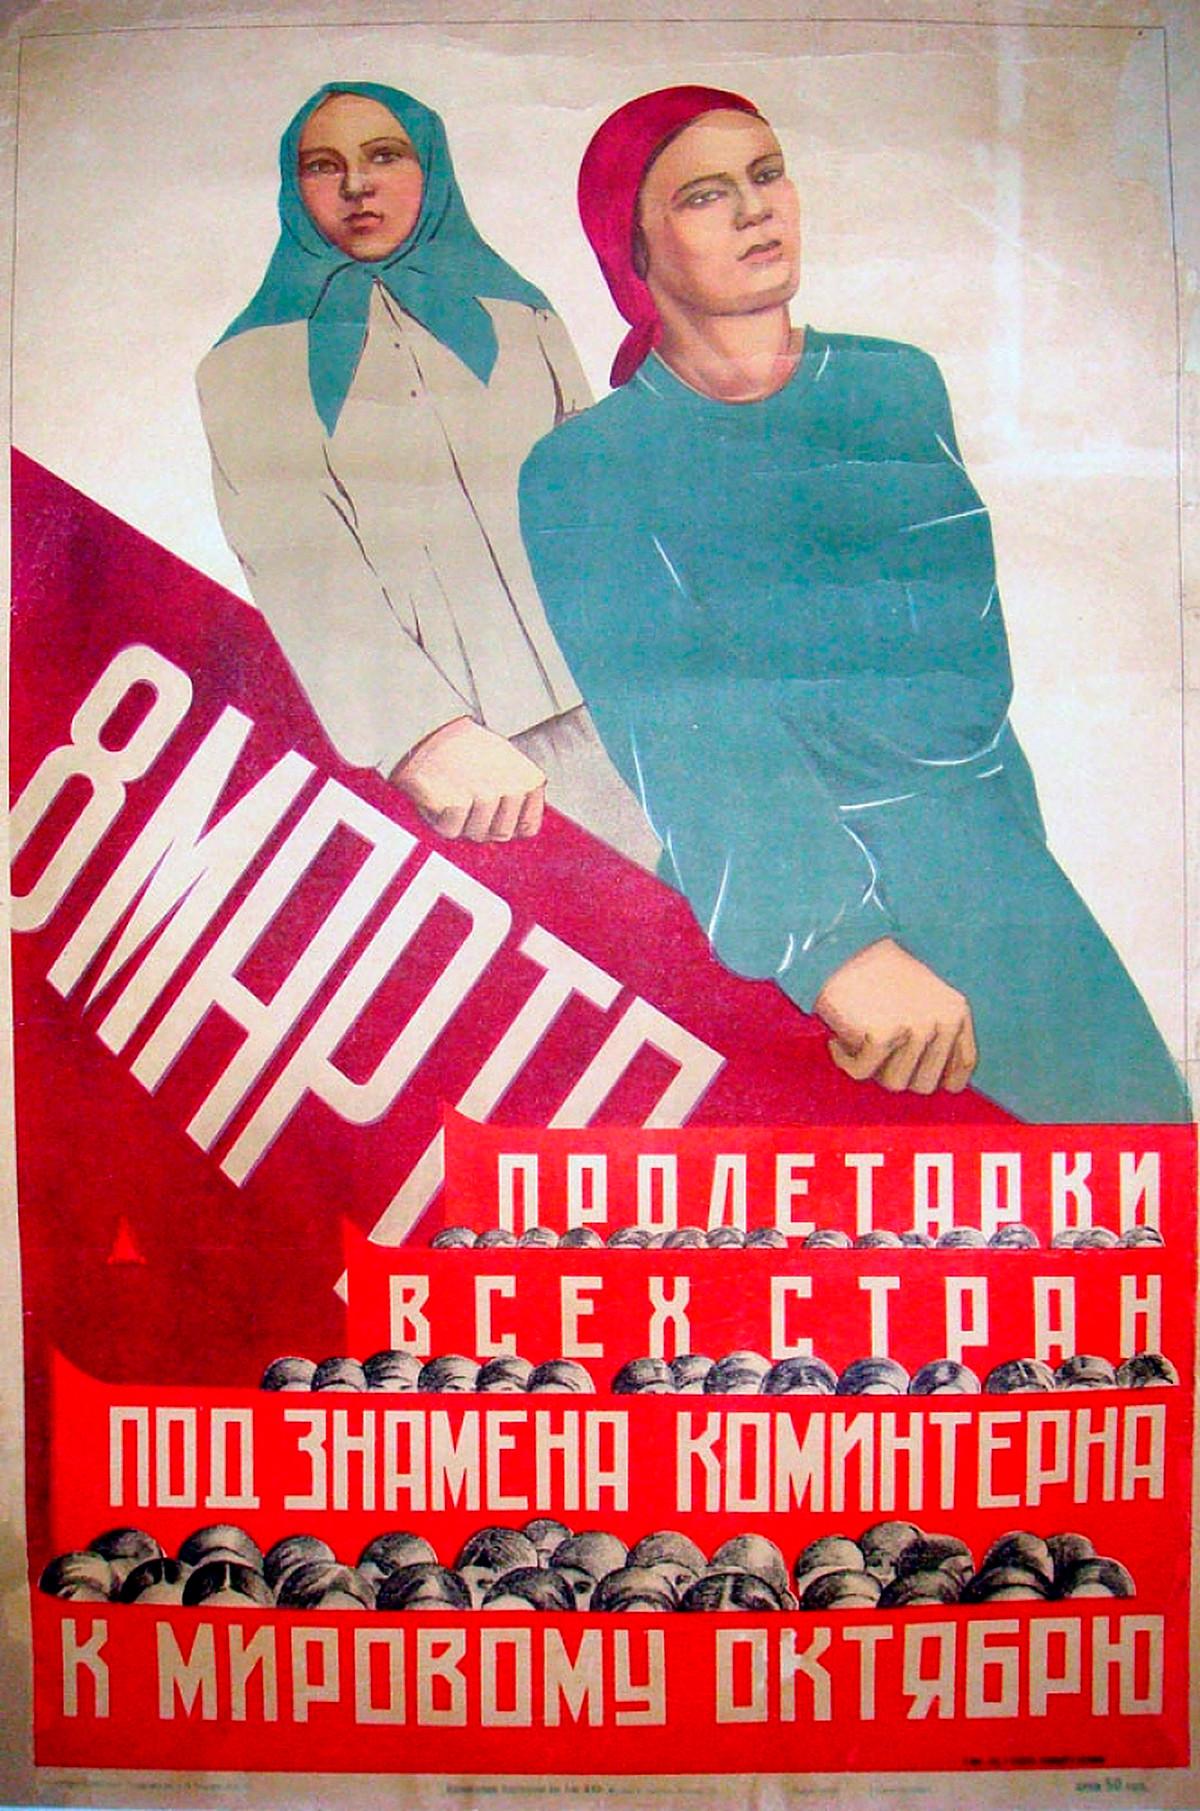 « 8 mars. Les prolétariennes de tous les pays sous la bannière du Komintern vers un Octobre [une Révolution d'Octobre] mondial »